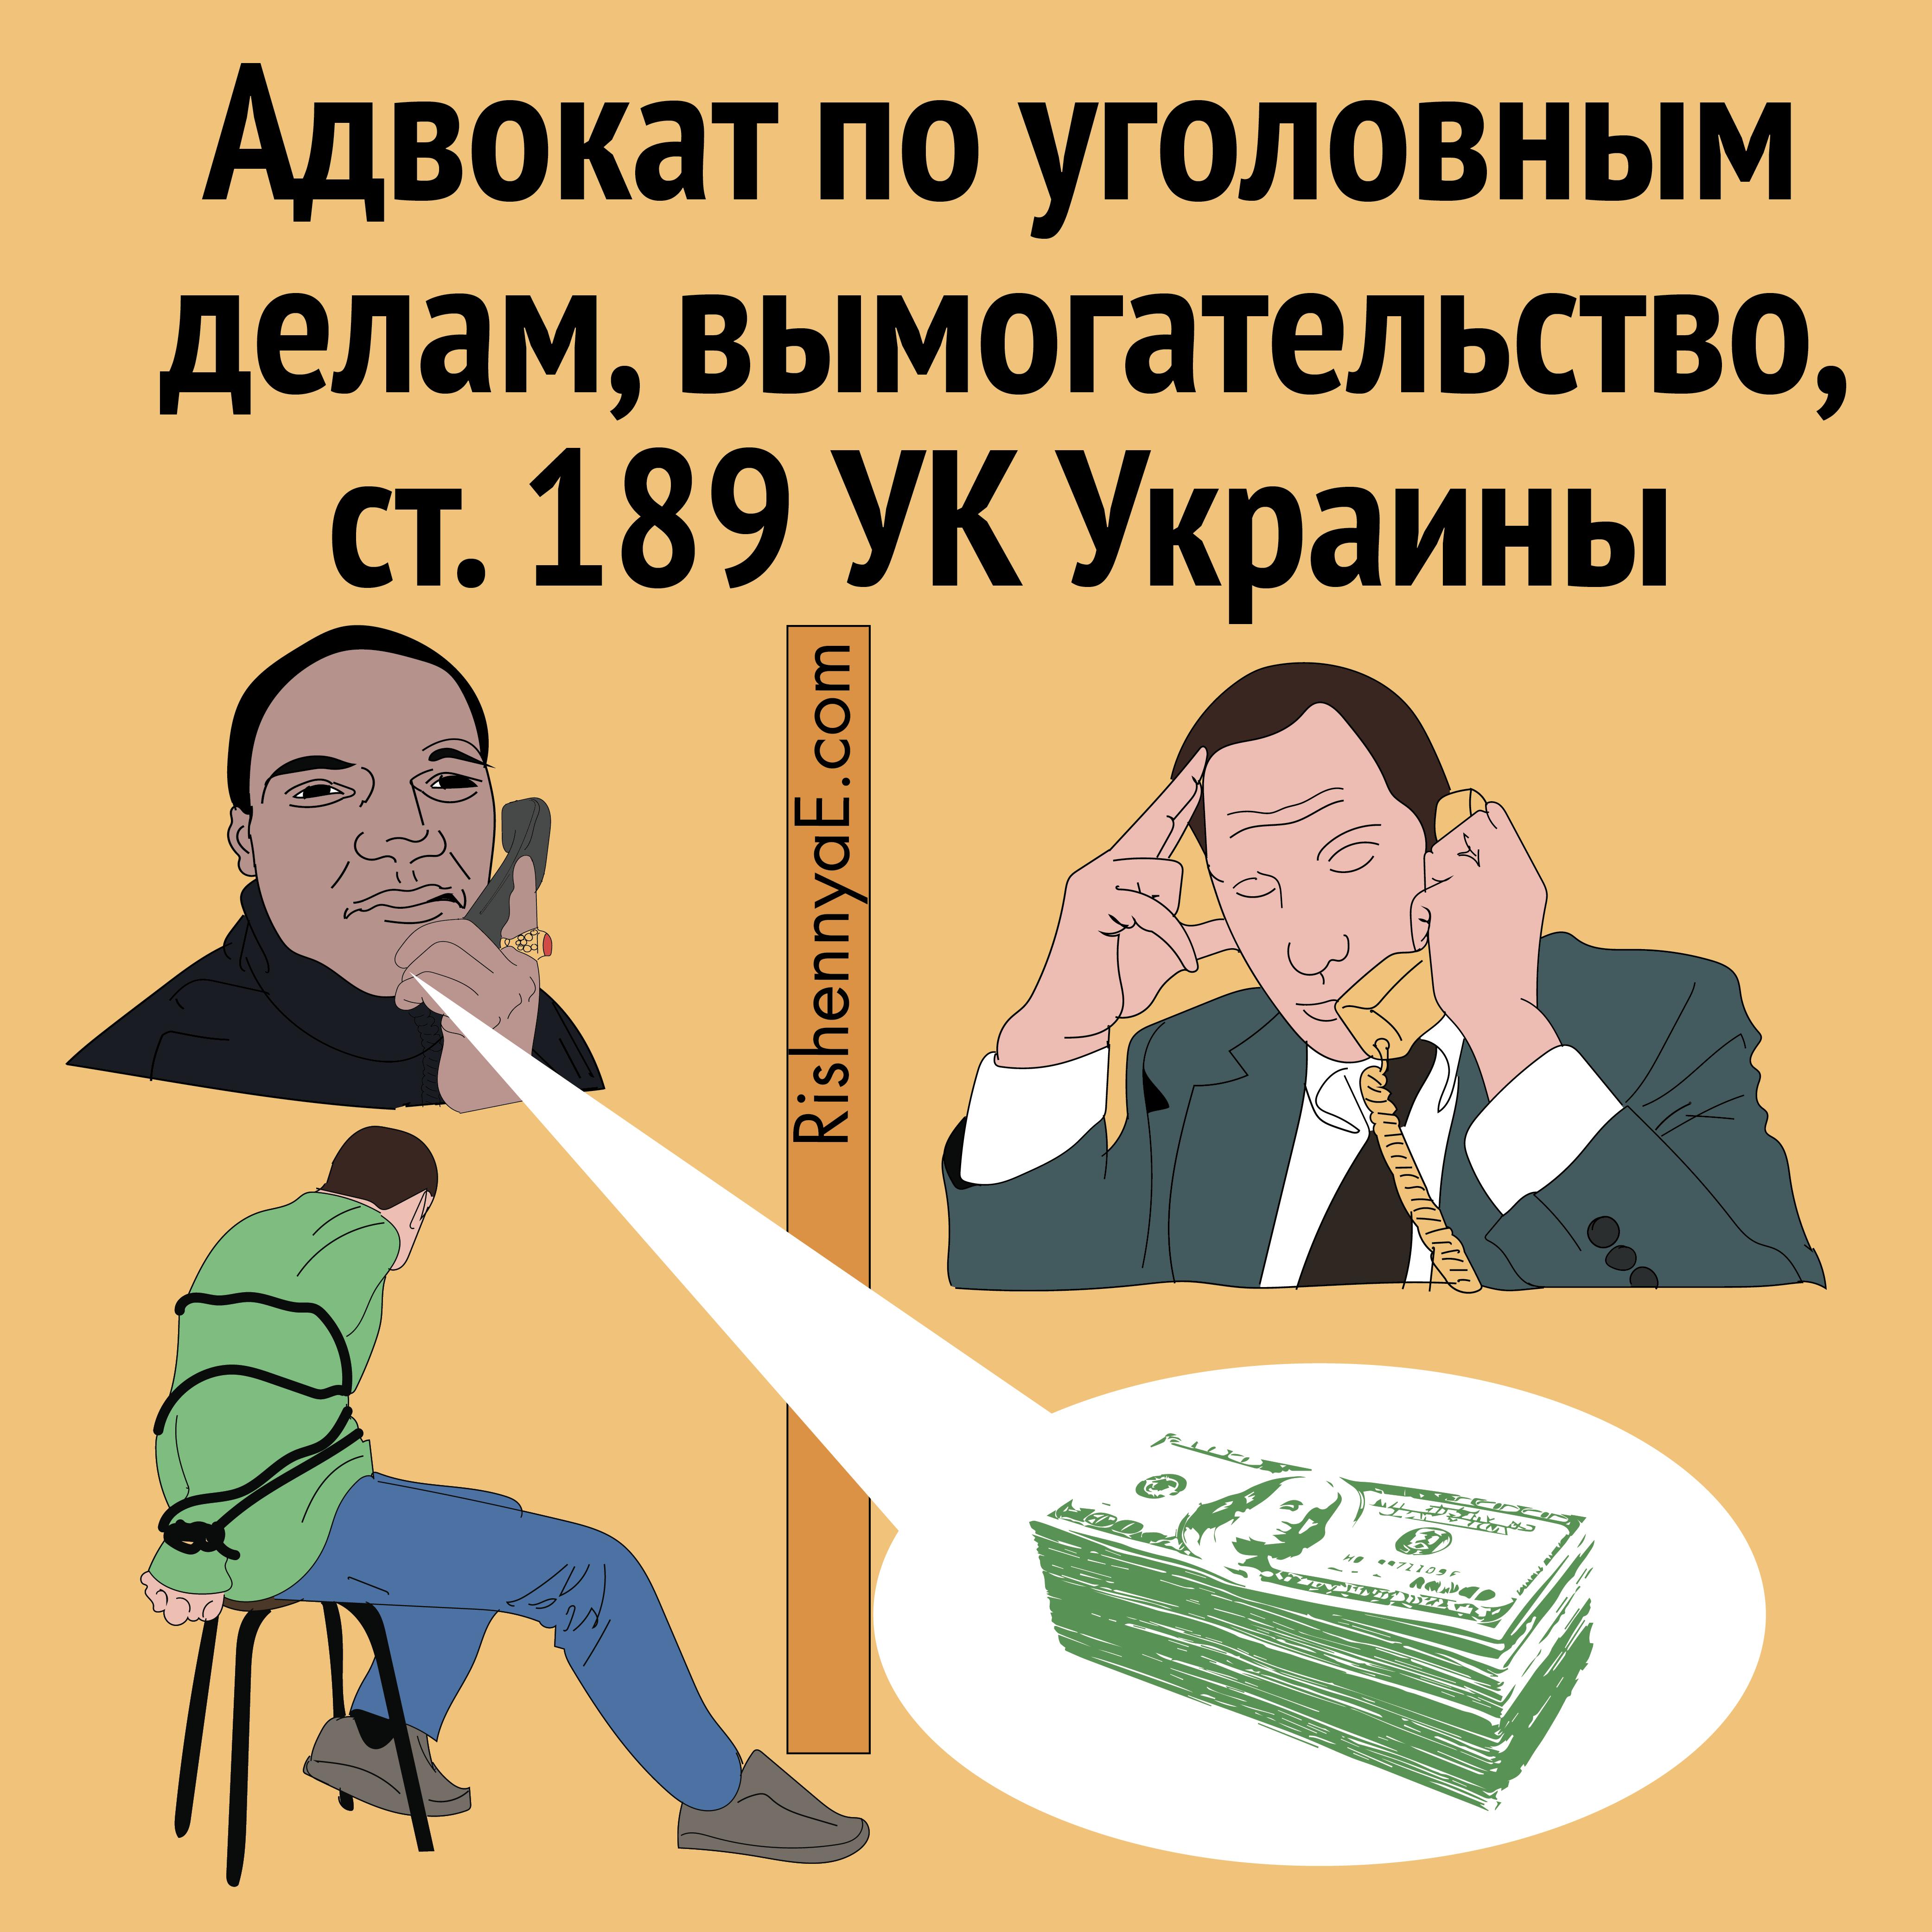 Адвокат по уголовным делам, вымогательство, ст. 189 УК Украины http://rishennyae.com